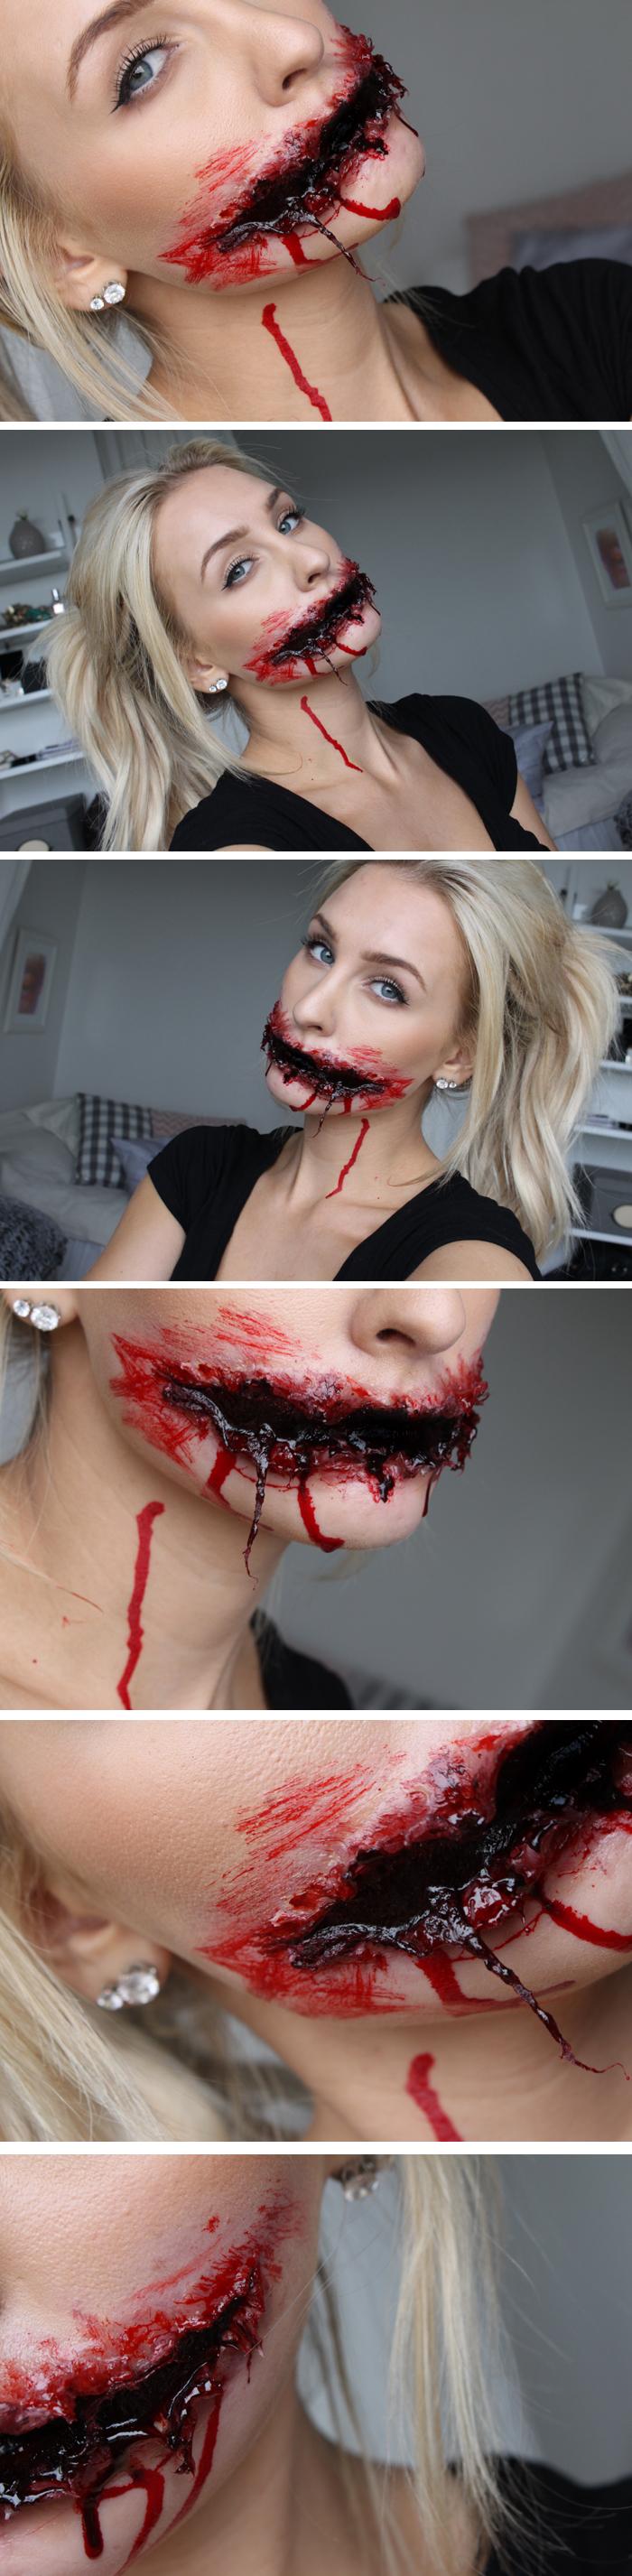 Dagens makeup – Death to duckface (VARNING FÖR BLOD!!)   Helen Torsgården – Hiilens sminkblogg